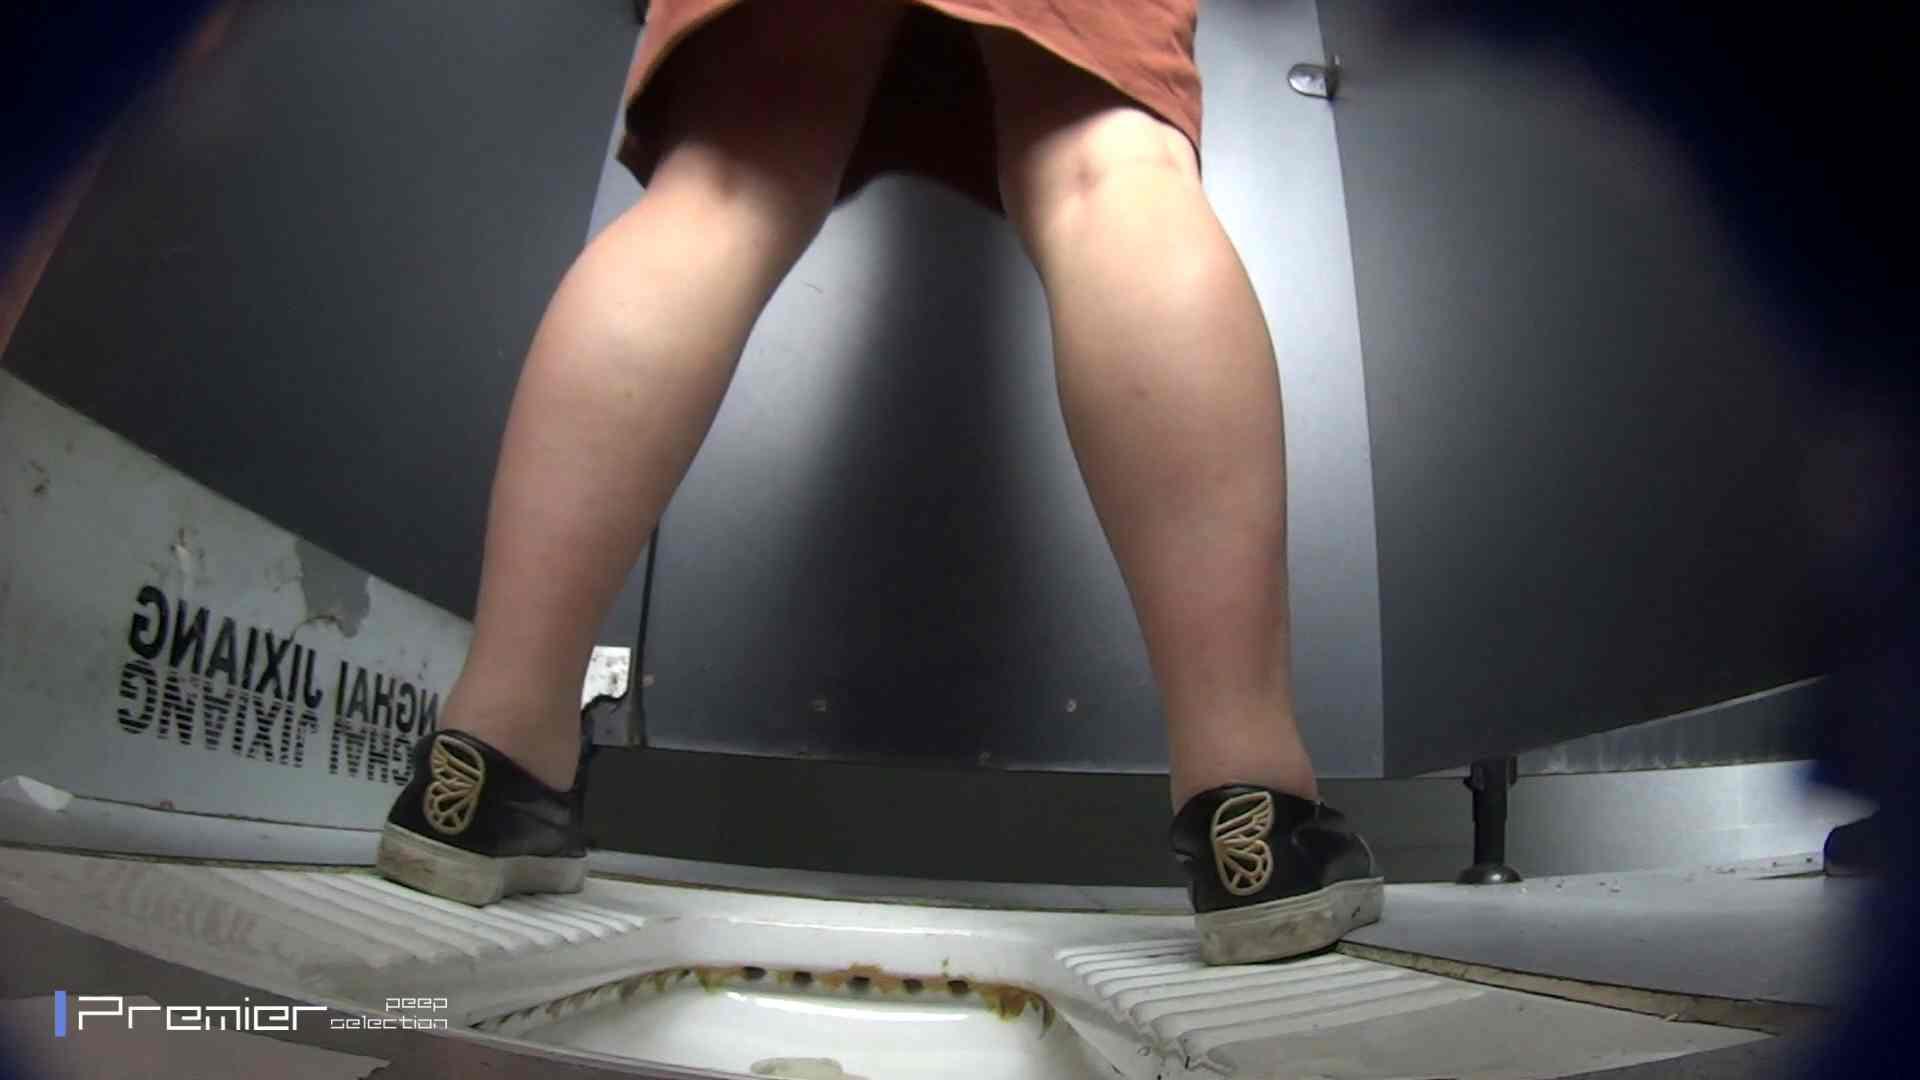 びゅーっと!オシッコ放出 大学休憩時間の洗面所事情47 盛合せ われめAV動画紹介 105画像 25